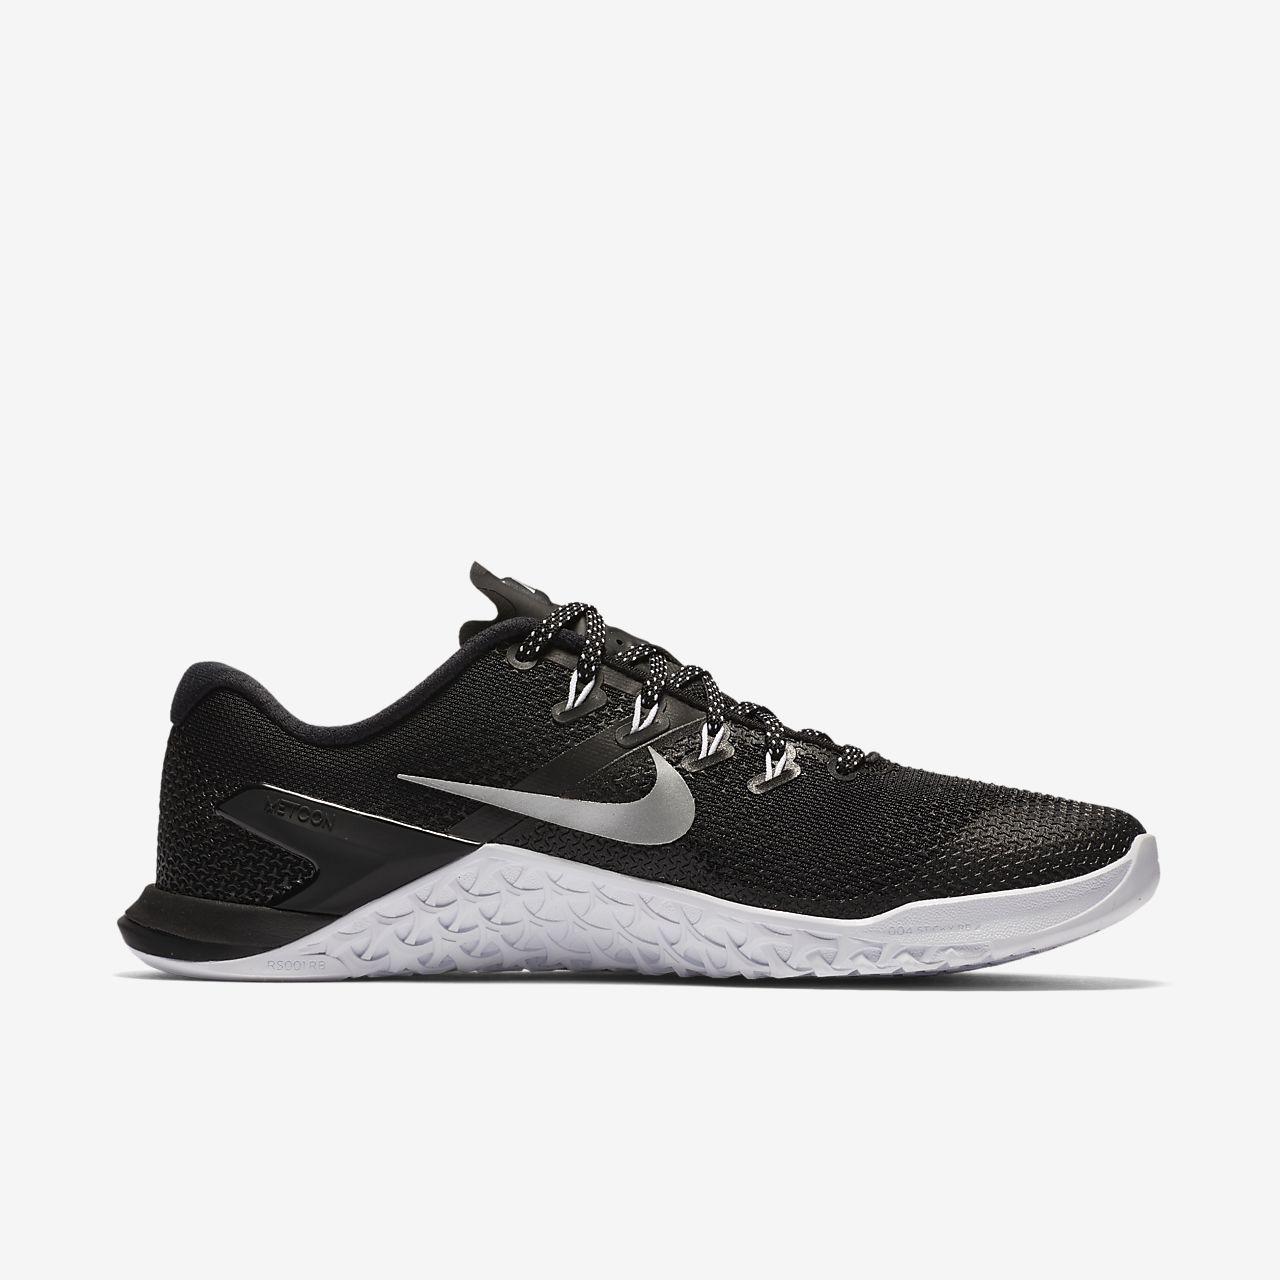 Nike Metcon 4 Zapatillas de cross training y levantamiento de pesas Mujer